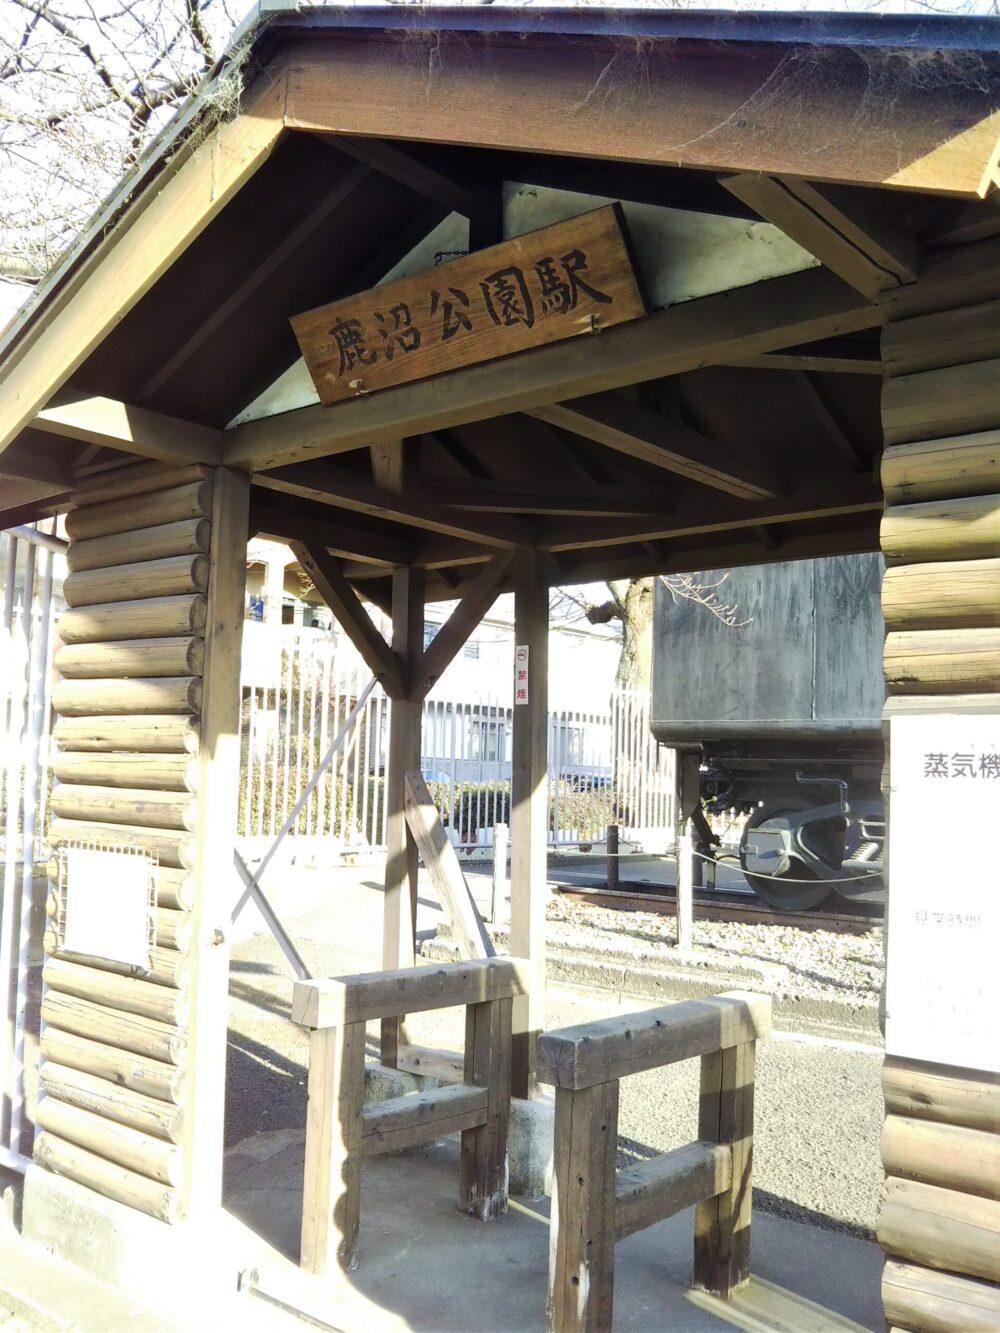 鹿沼公園にあるSL(蒸気機関車)が保存・展示されている場所の出入口